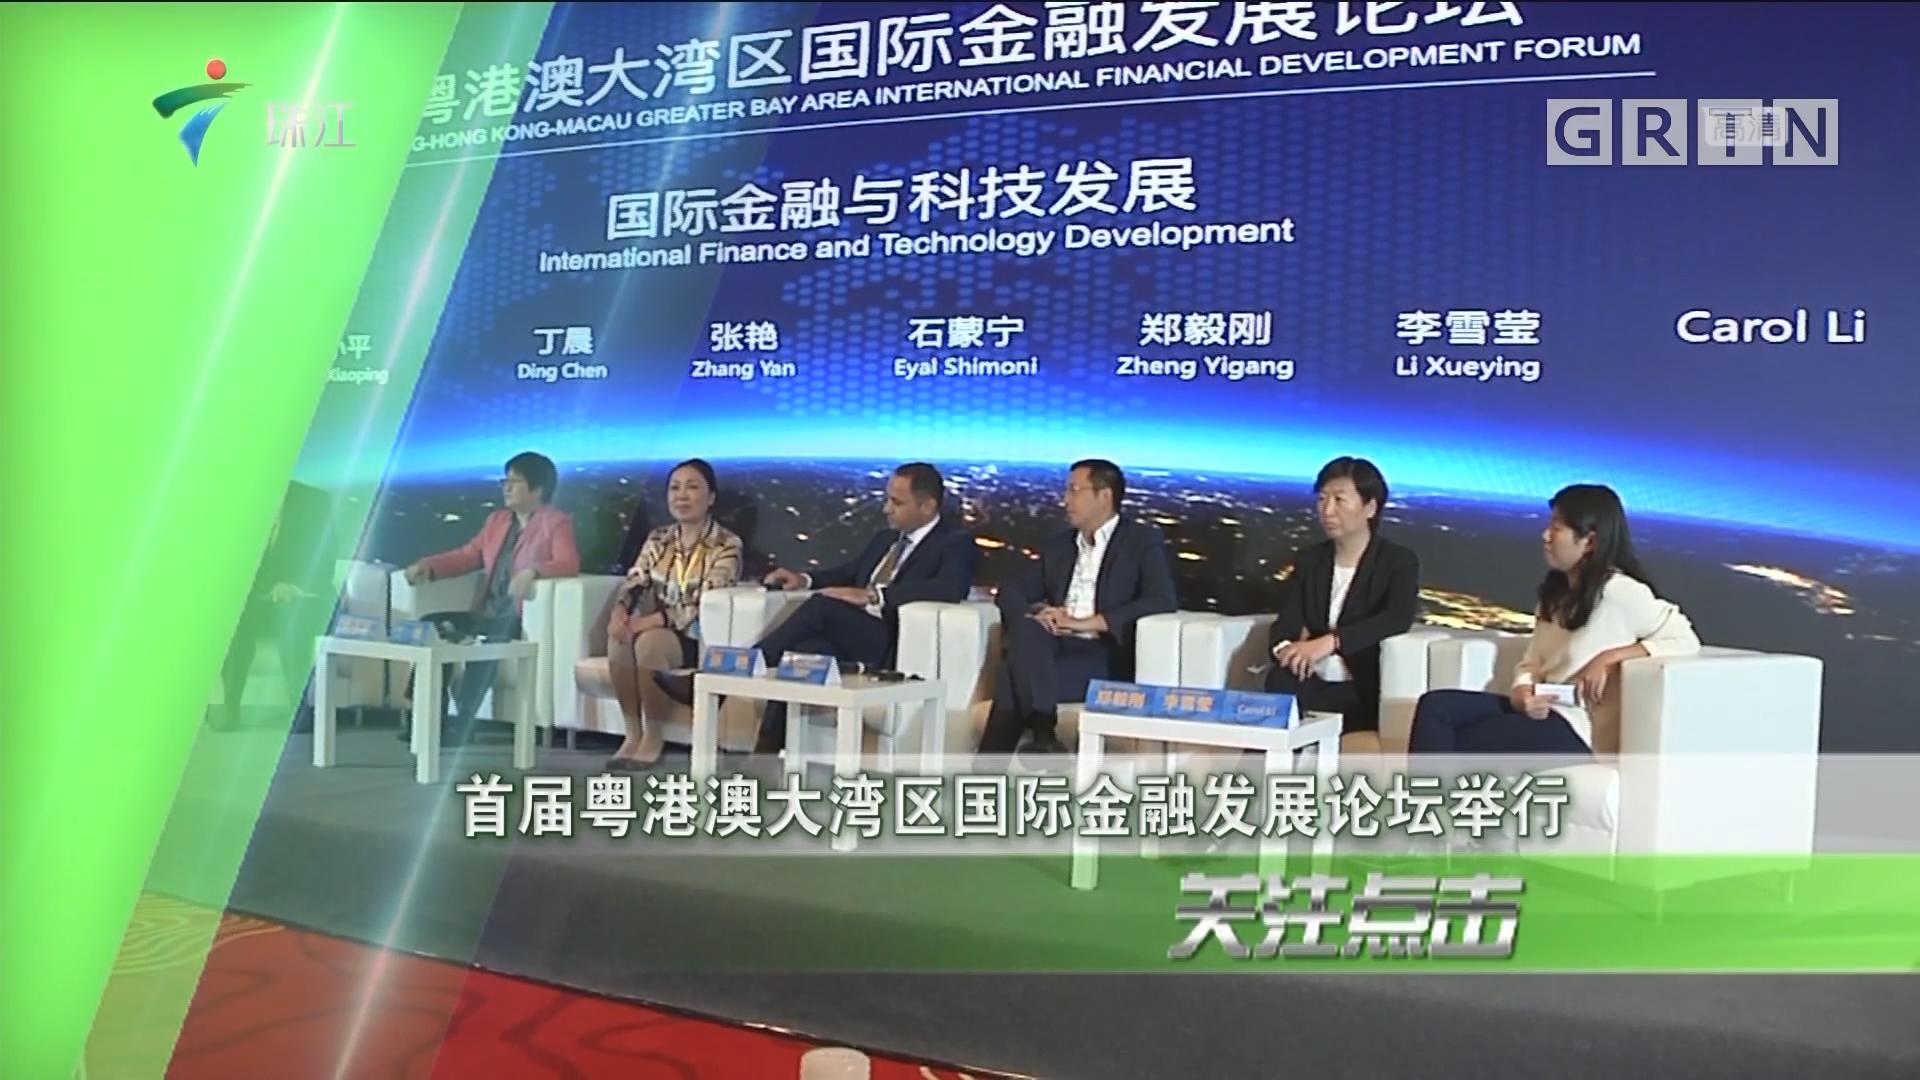 首届粤港澳大湾区国际金融发展论坛举行